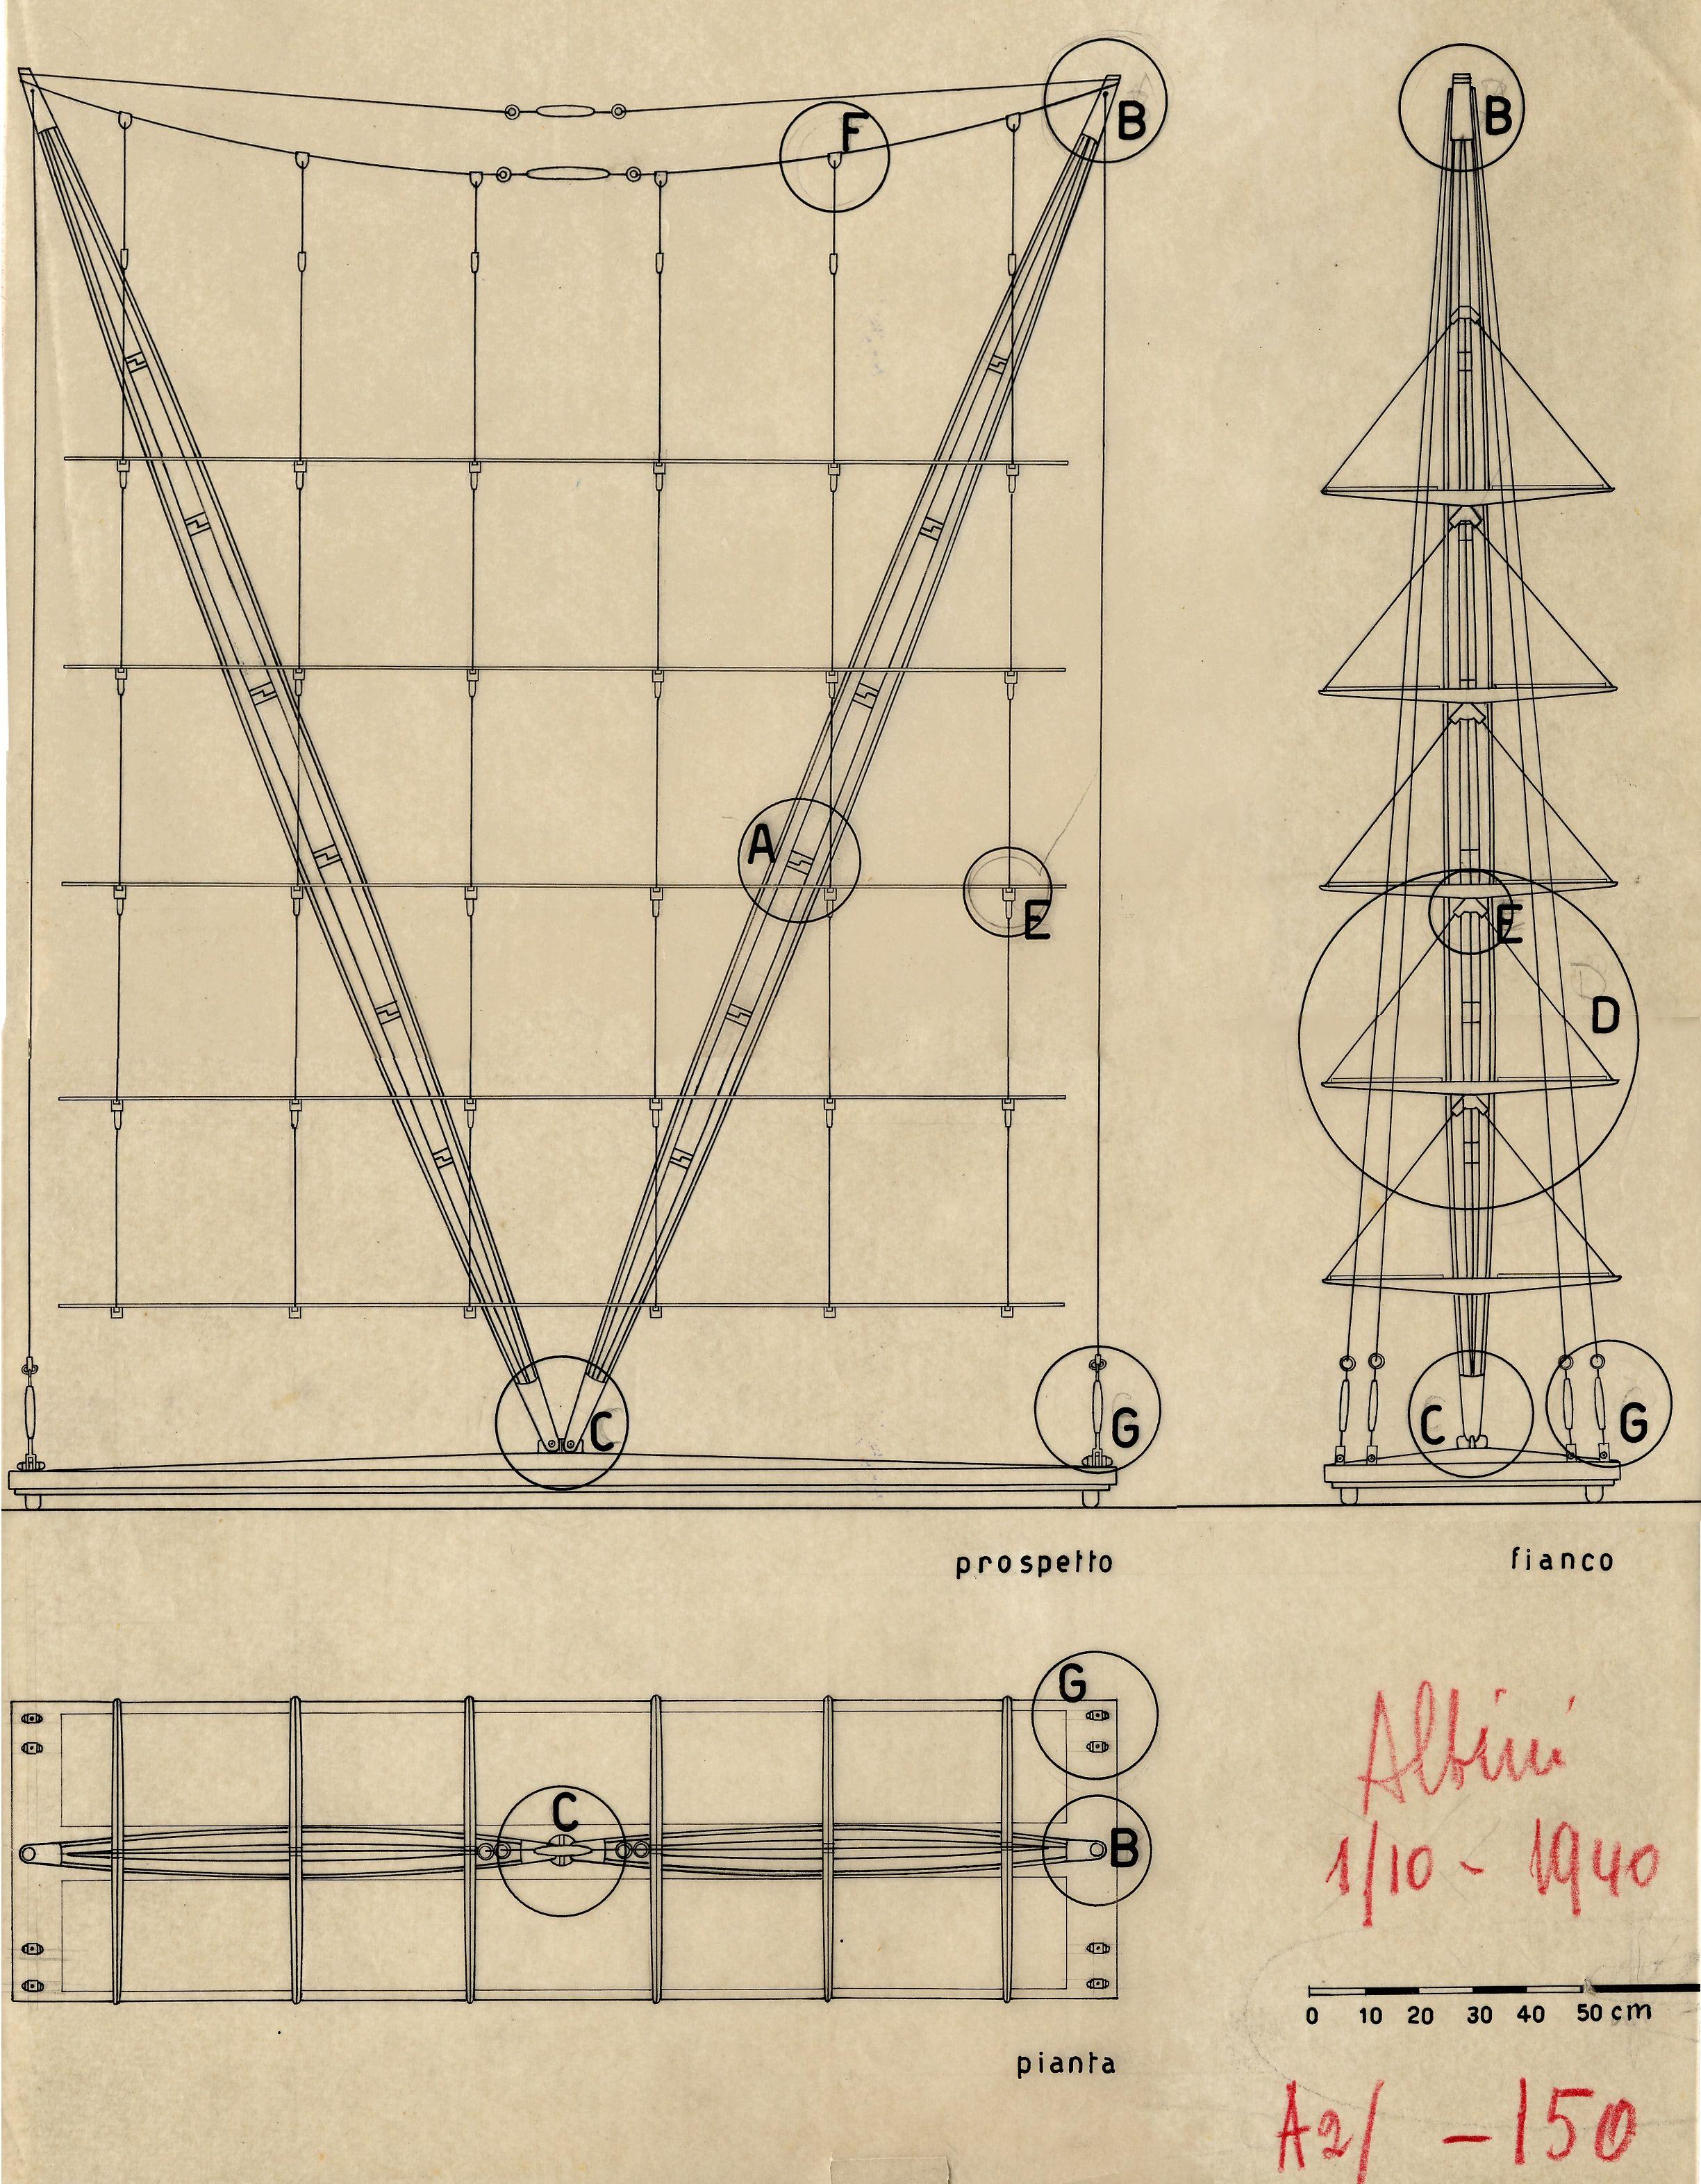 Veliero, Franco Albini, 1938, courtesy Fondazione Franco Albini / Franco Albini e Carlo Mollino / Dall'Autarchia all'Autonomia.